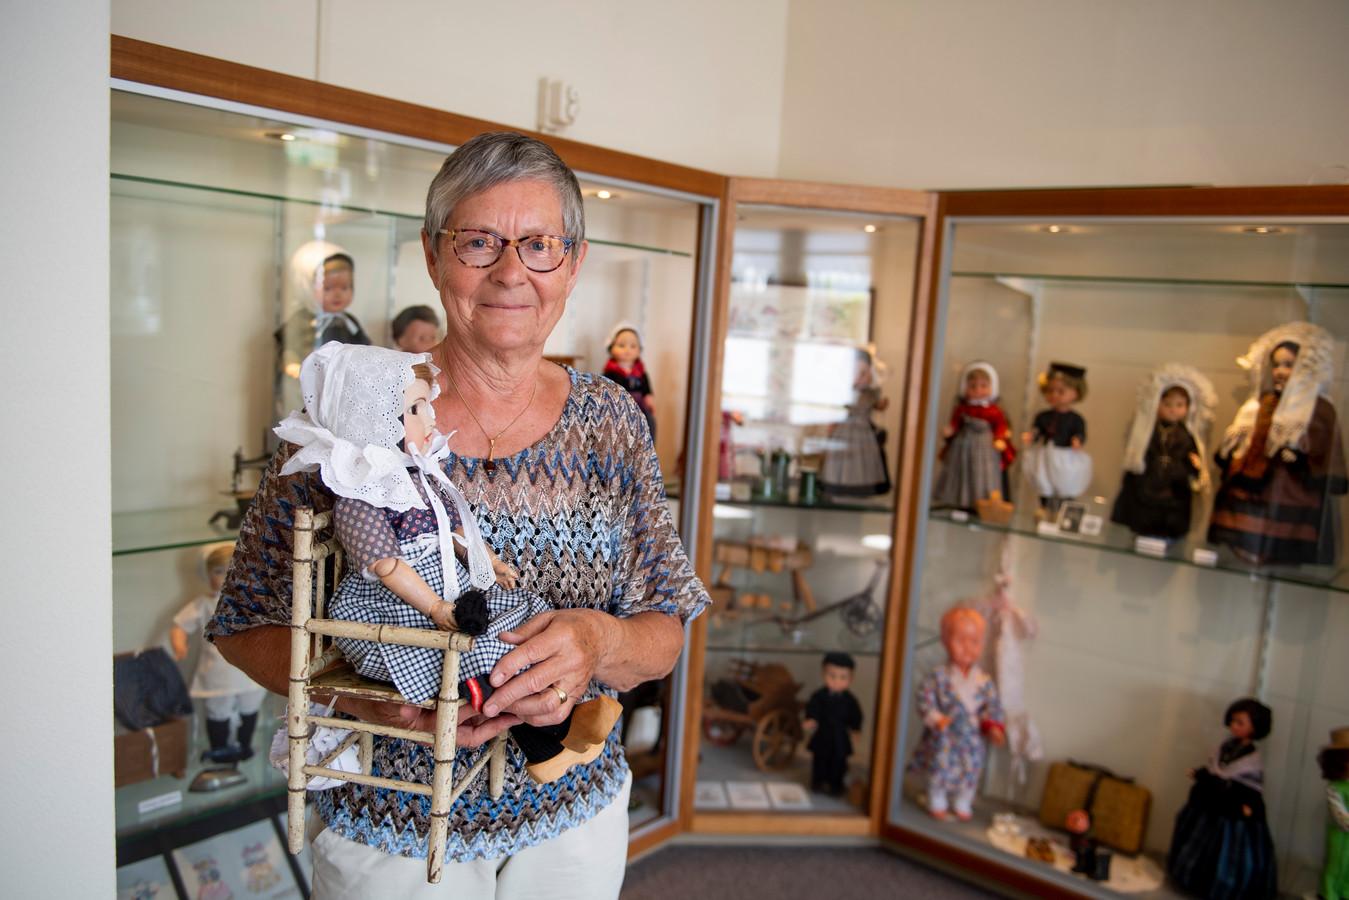 Hanny Agterkamp heeft de nalatenschap (oude kledingdrachtkleding) van Diek Stegeman nagekeken en hersteld voor de tentoonstelling in de Oudheidkamer Holten. Stegeman was werkzaam in het openluchtmuseum Arnhem.